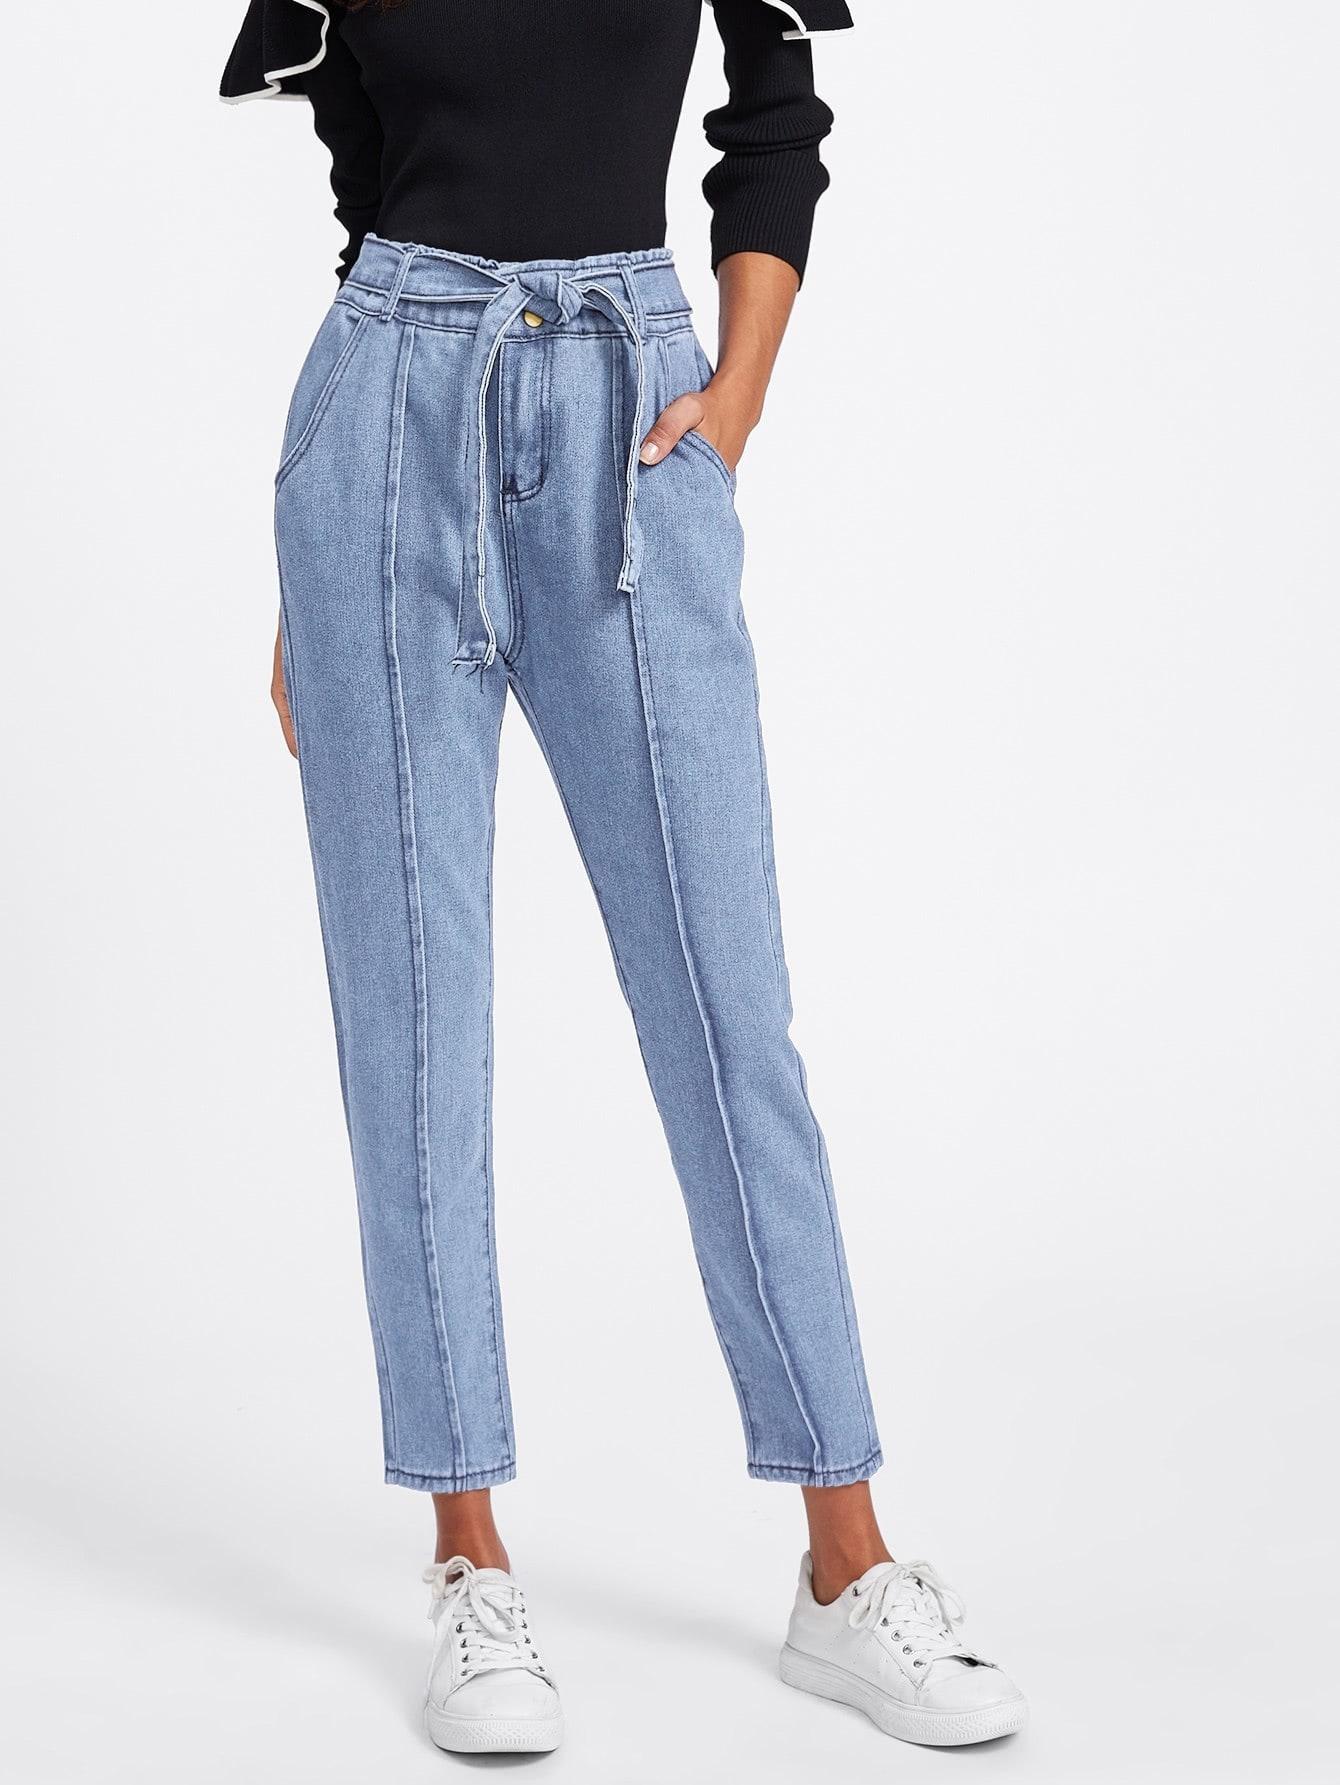 Tie Waist Seam Front Jeans tie waist seam front jeans